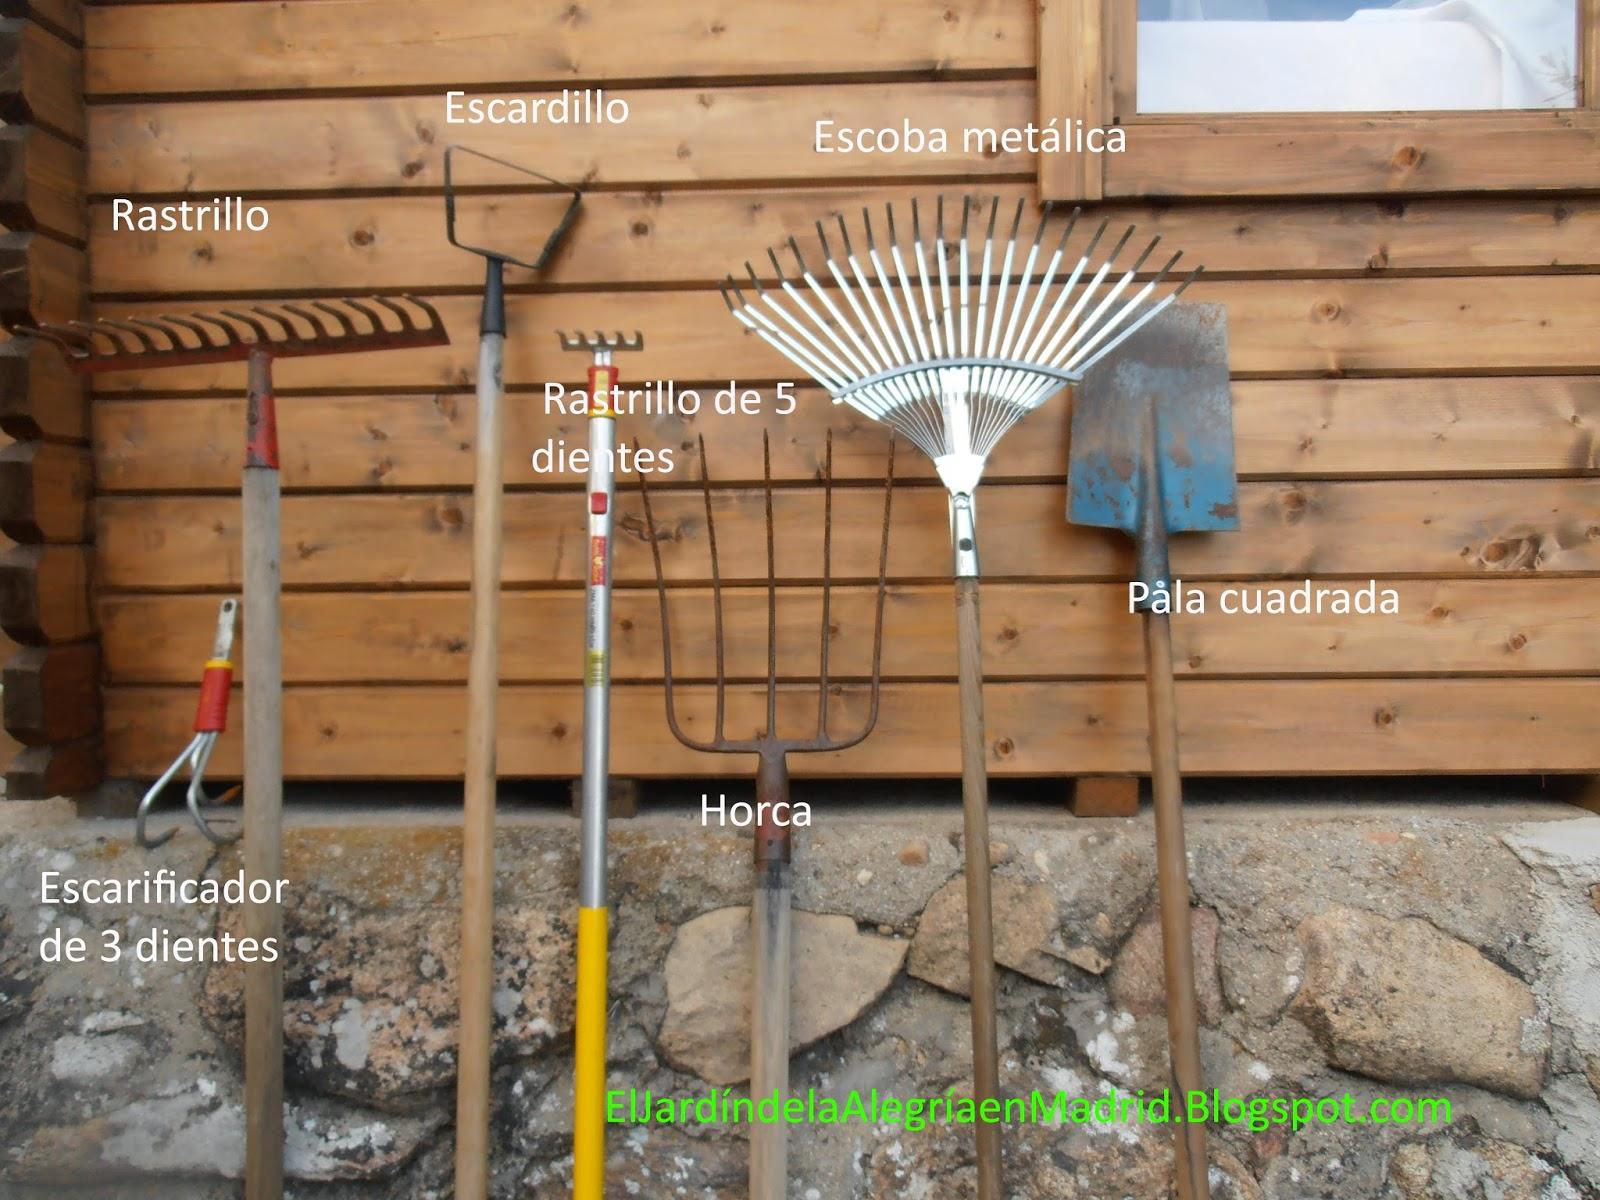 El jard n de la alegr a herramientas de jard n i - Herramientas de jardineria ...